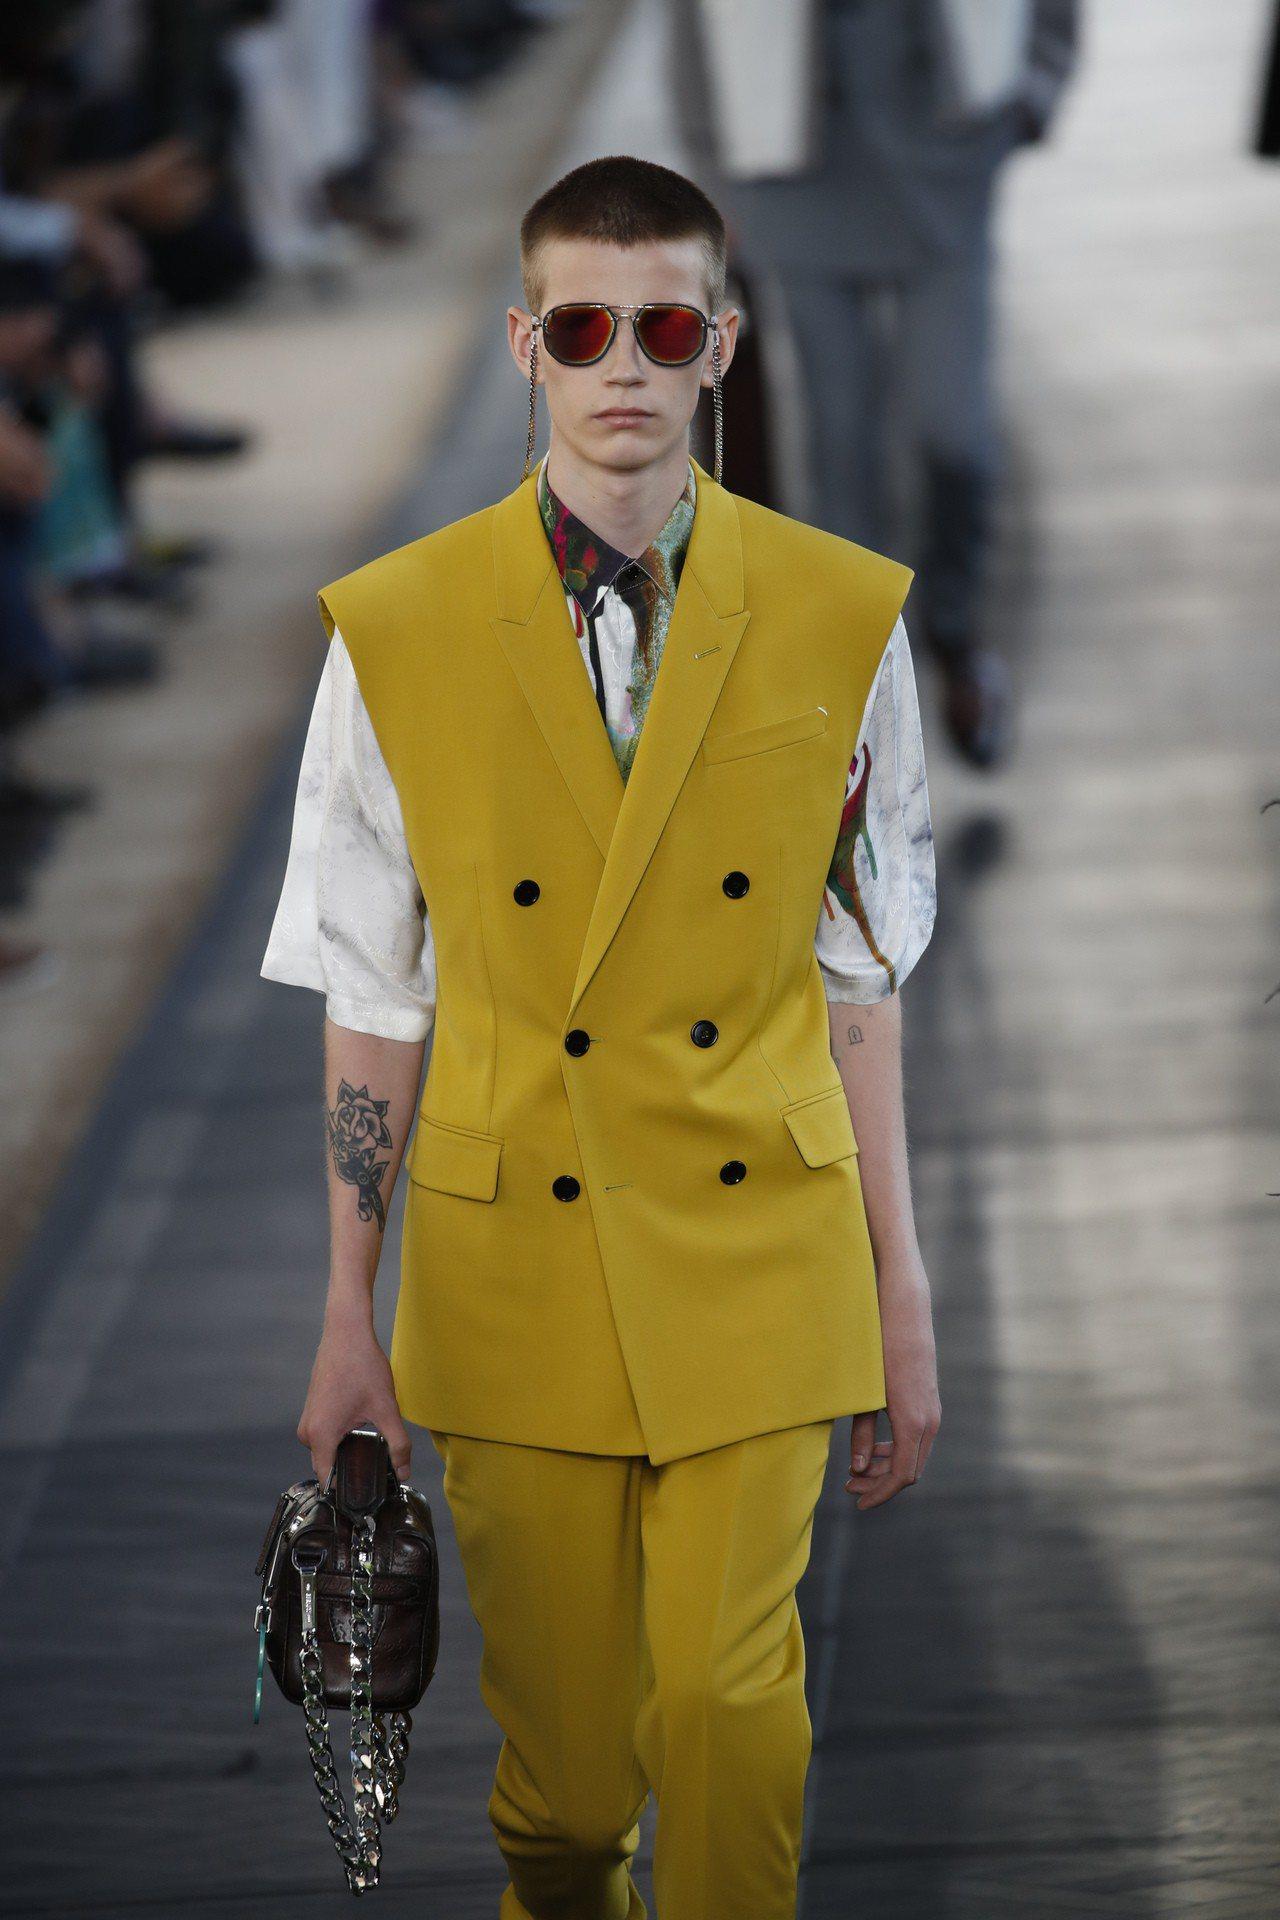 西裝輪廓較為放鬆而舒適,背心式的西裝外套具夏季感。圖/美聯社